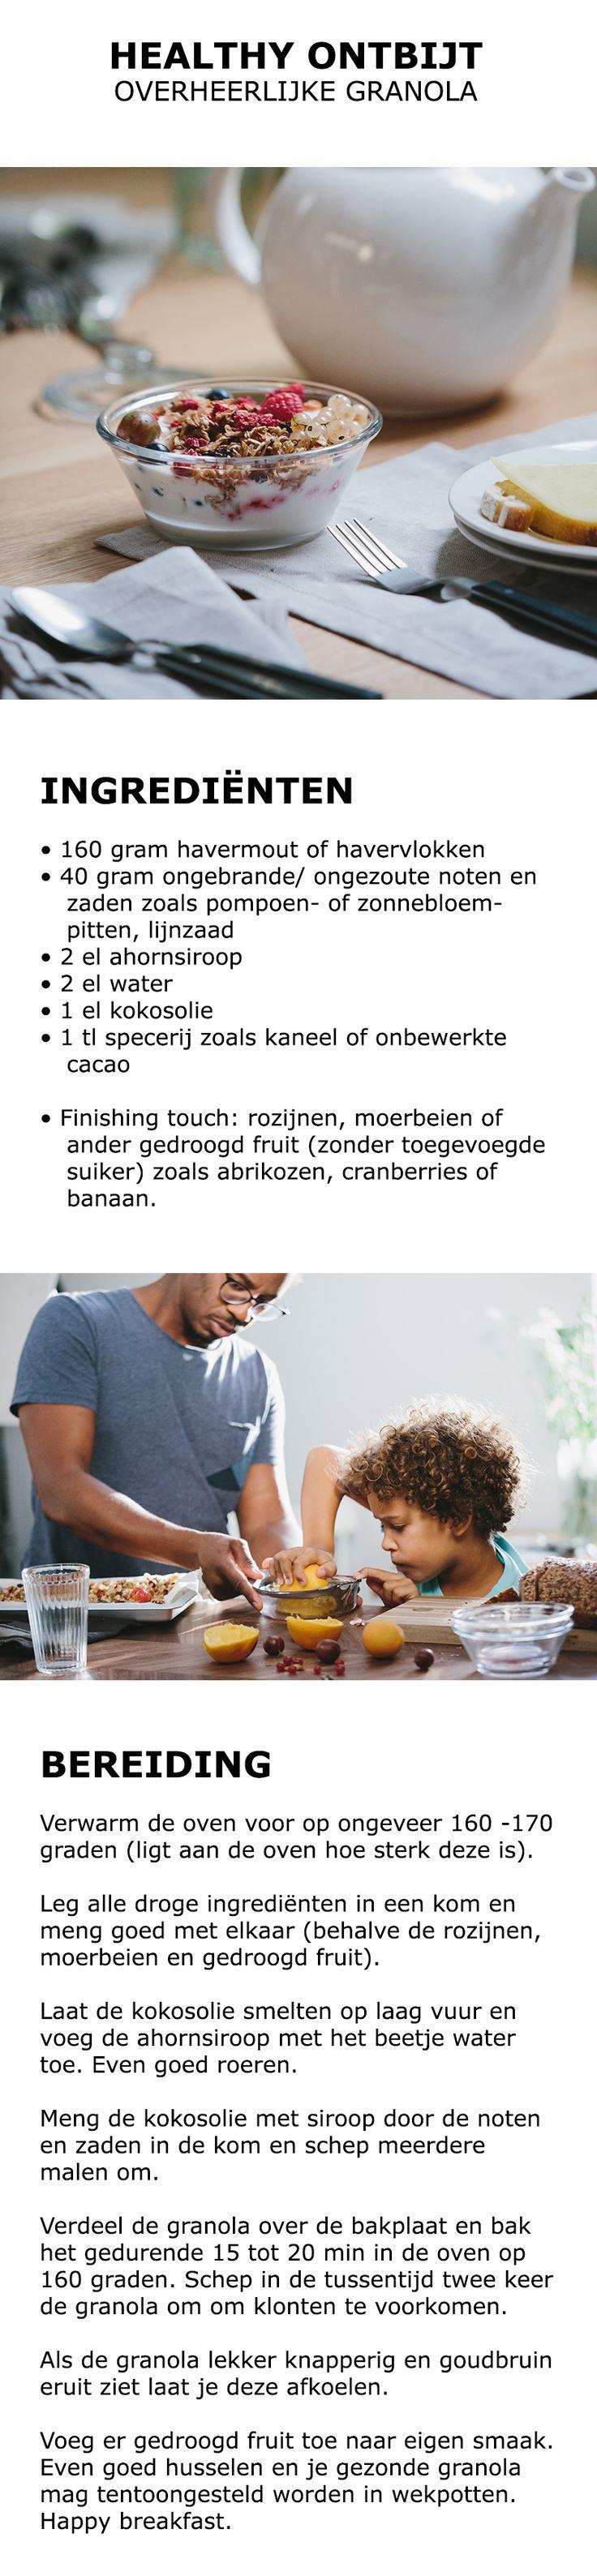 Inspiratie voor de vroege vogels - Overheerlijke granola   #IKEA #IKEAnl #recept #bakken #ontbijt #breakfast #yoghurt #granola #havermout #havervlokken #noten #kaneel